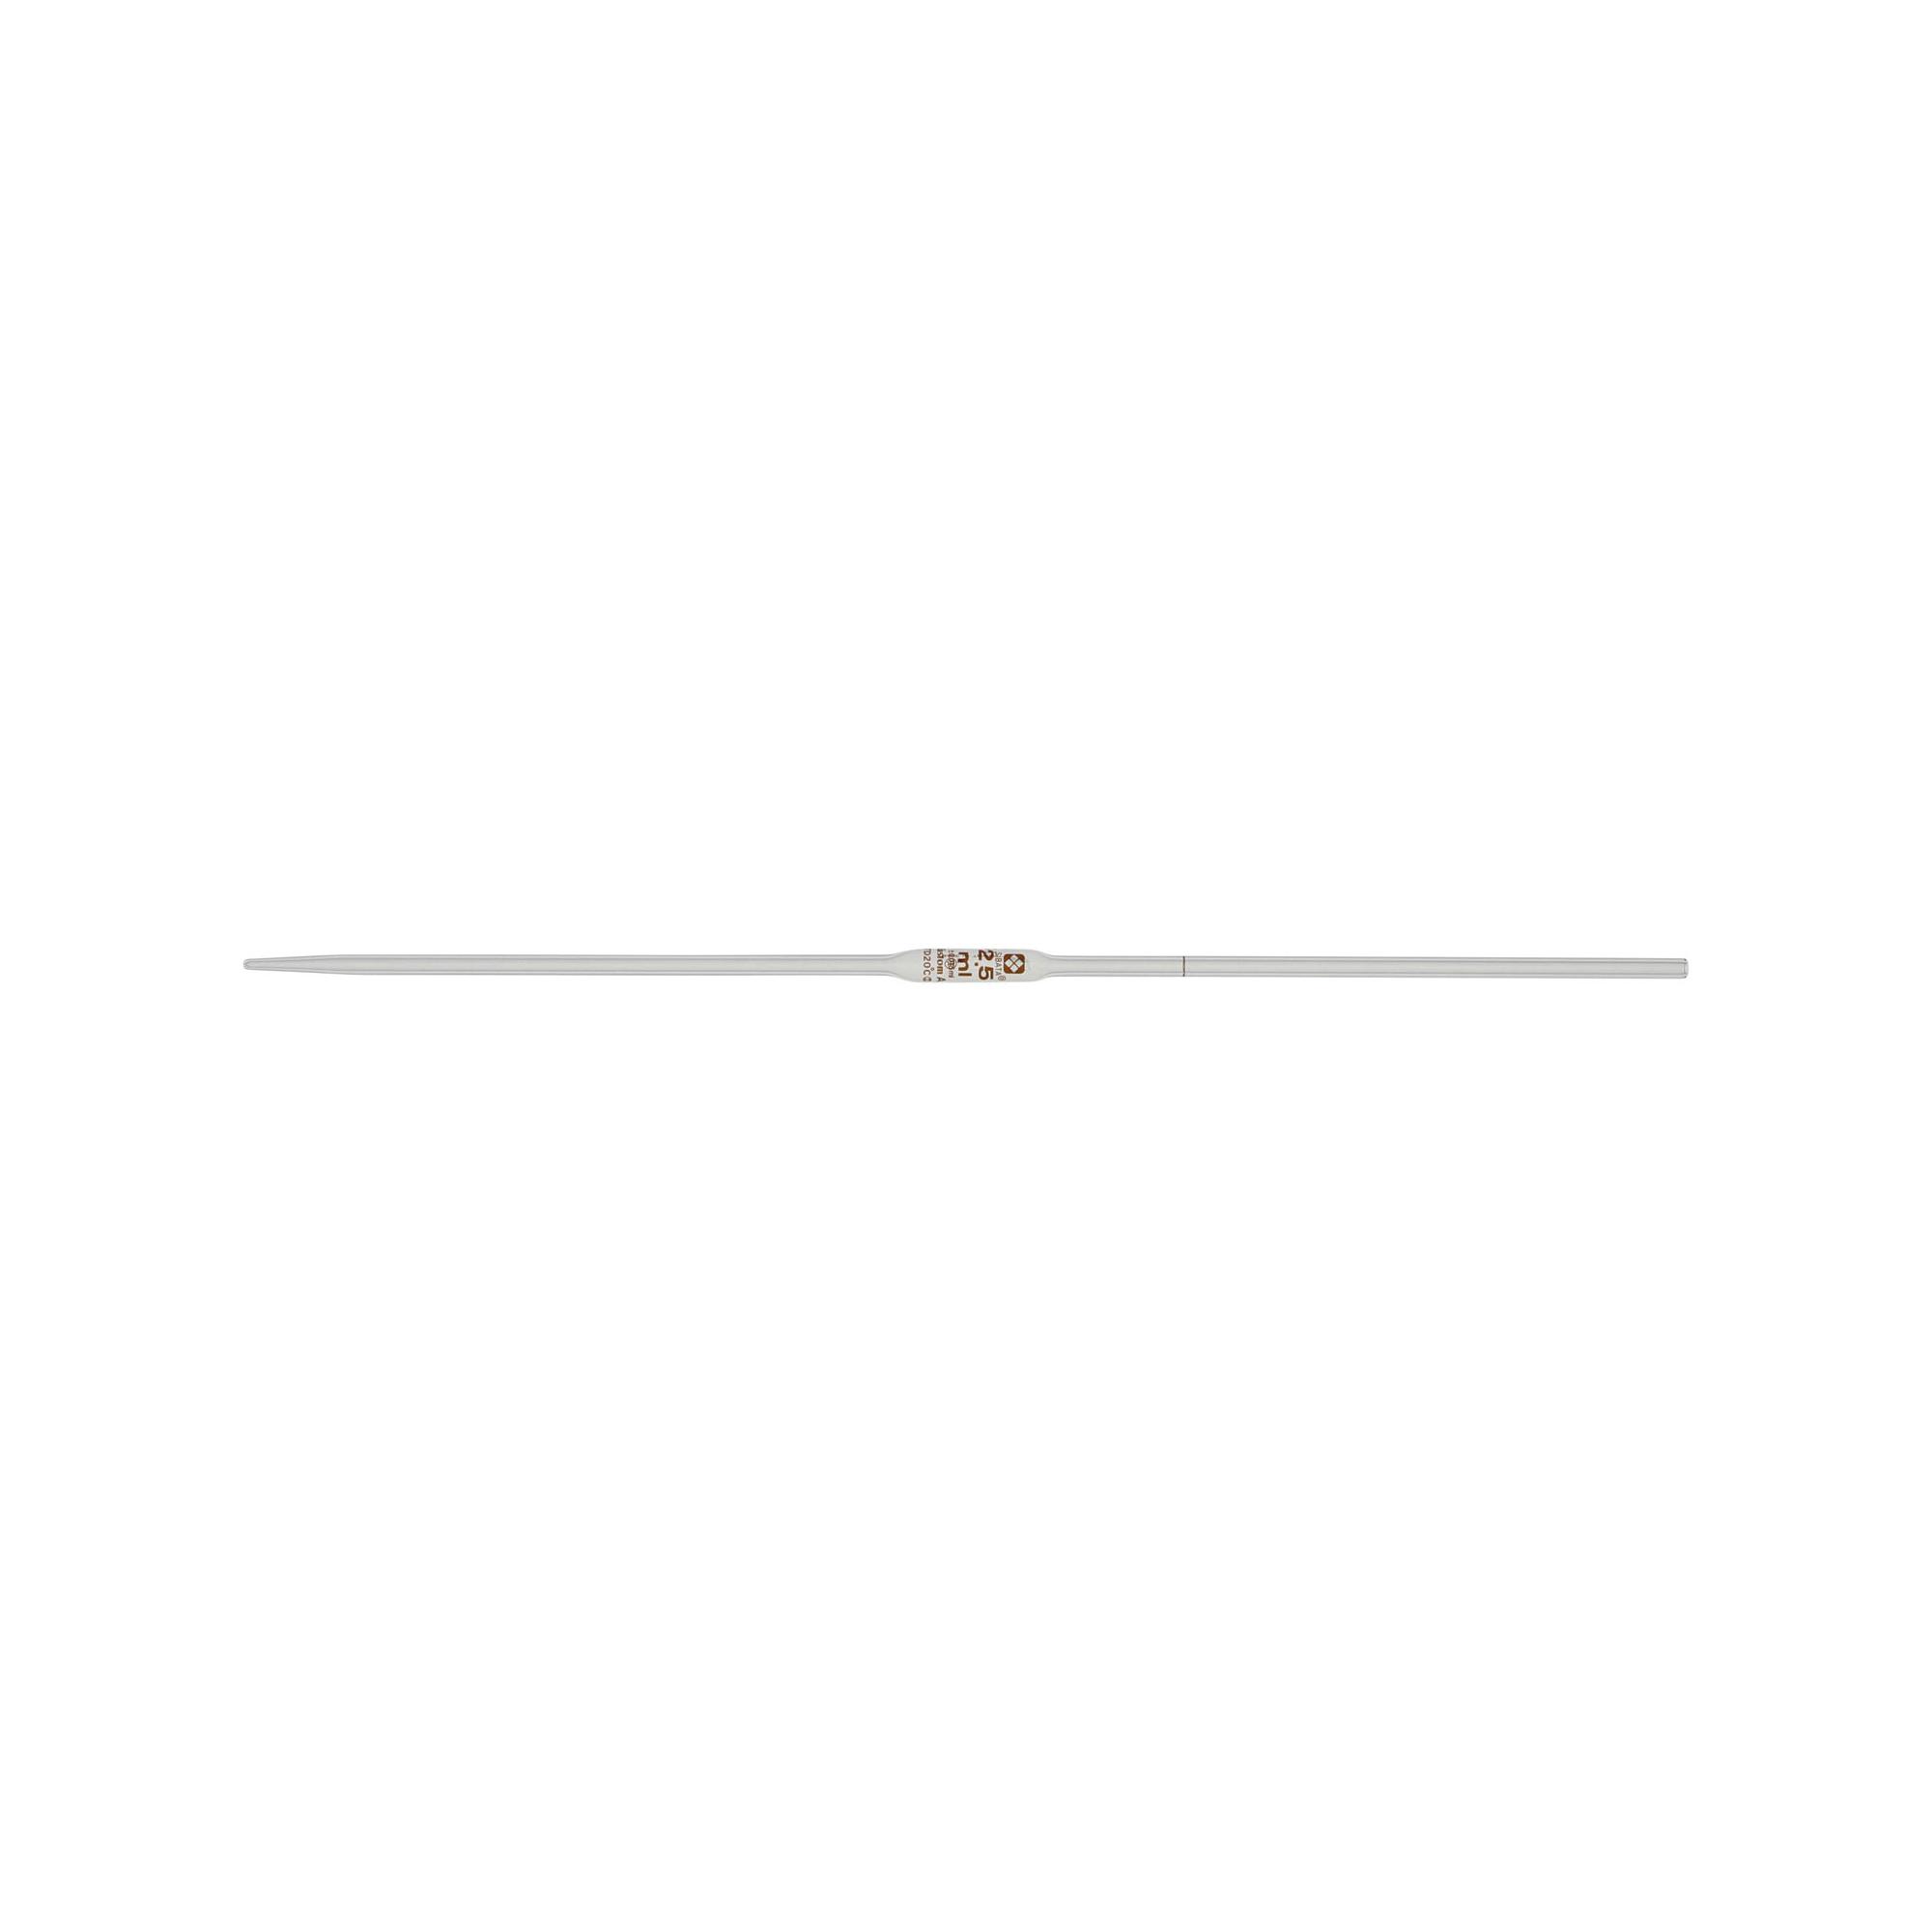 ホールピペット カスタムA 2.5mL(10本)